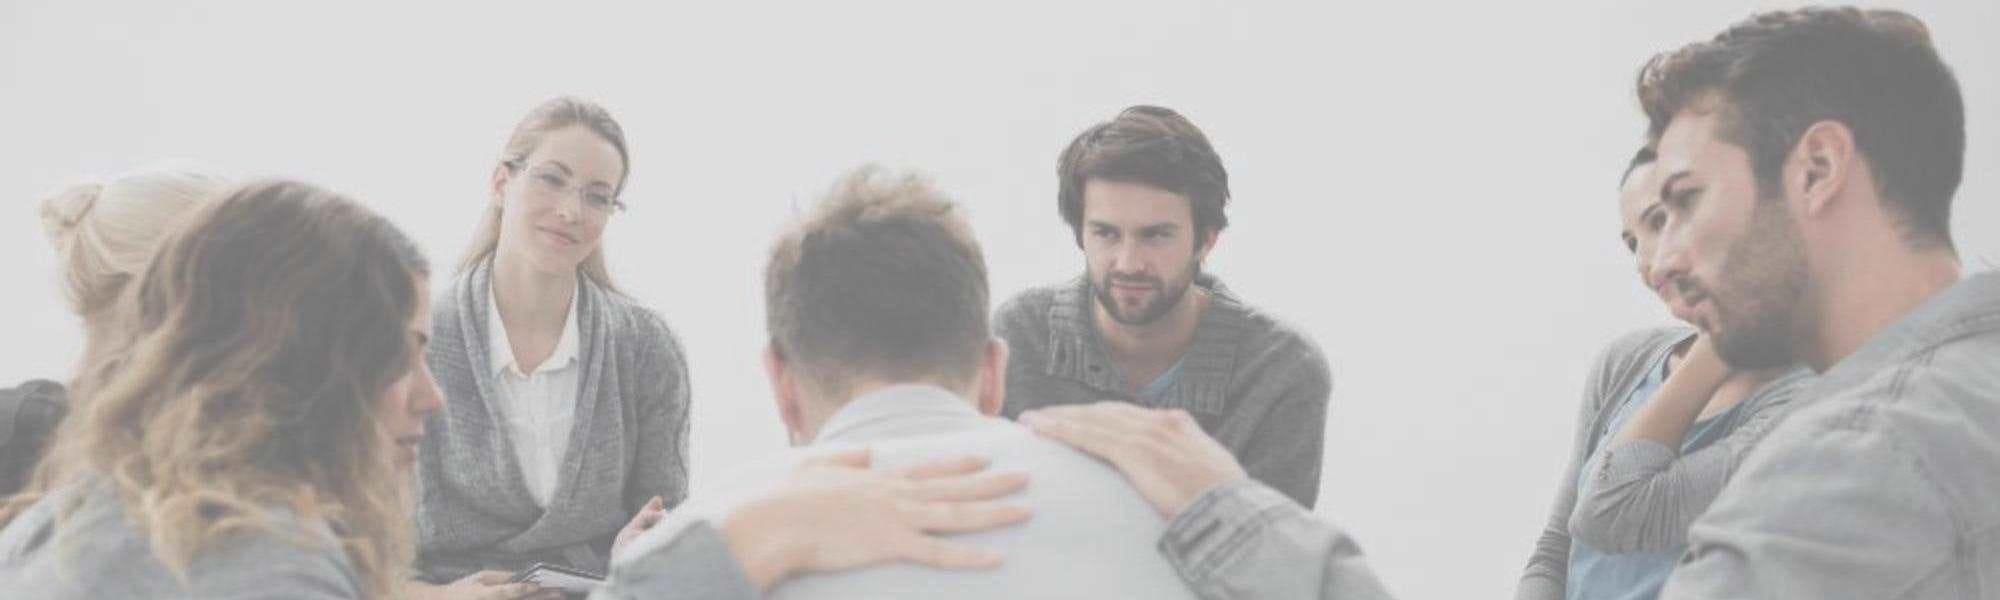 Психологическая группа поддержки